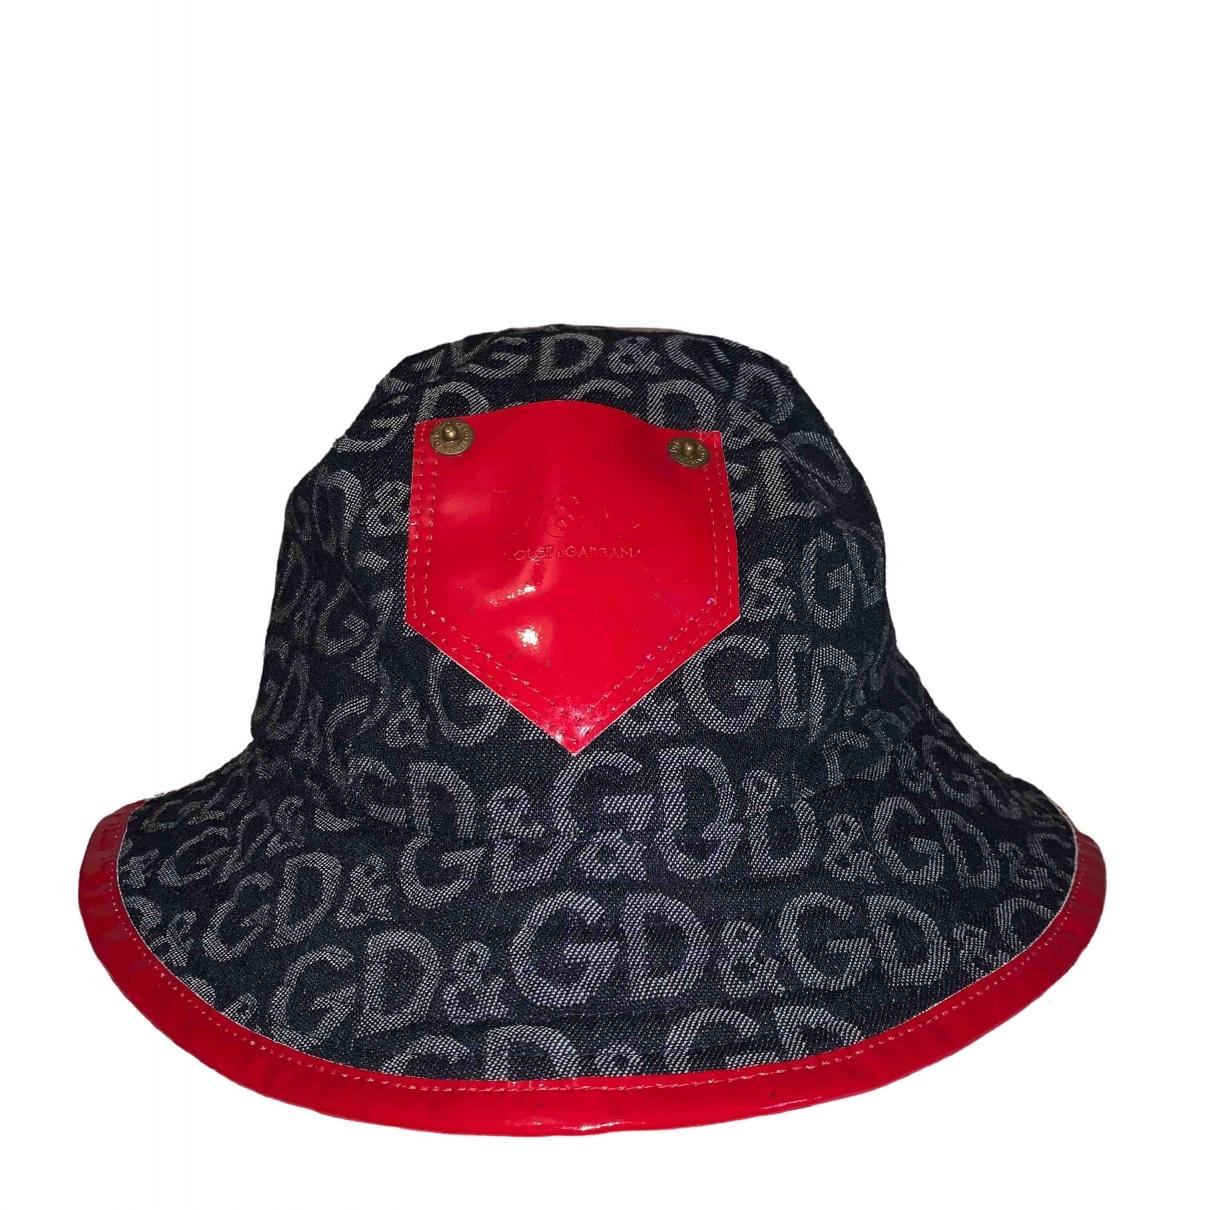 Sombrero D&g